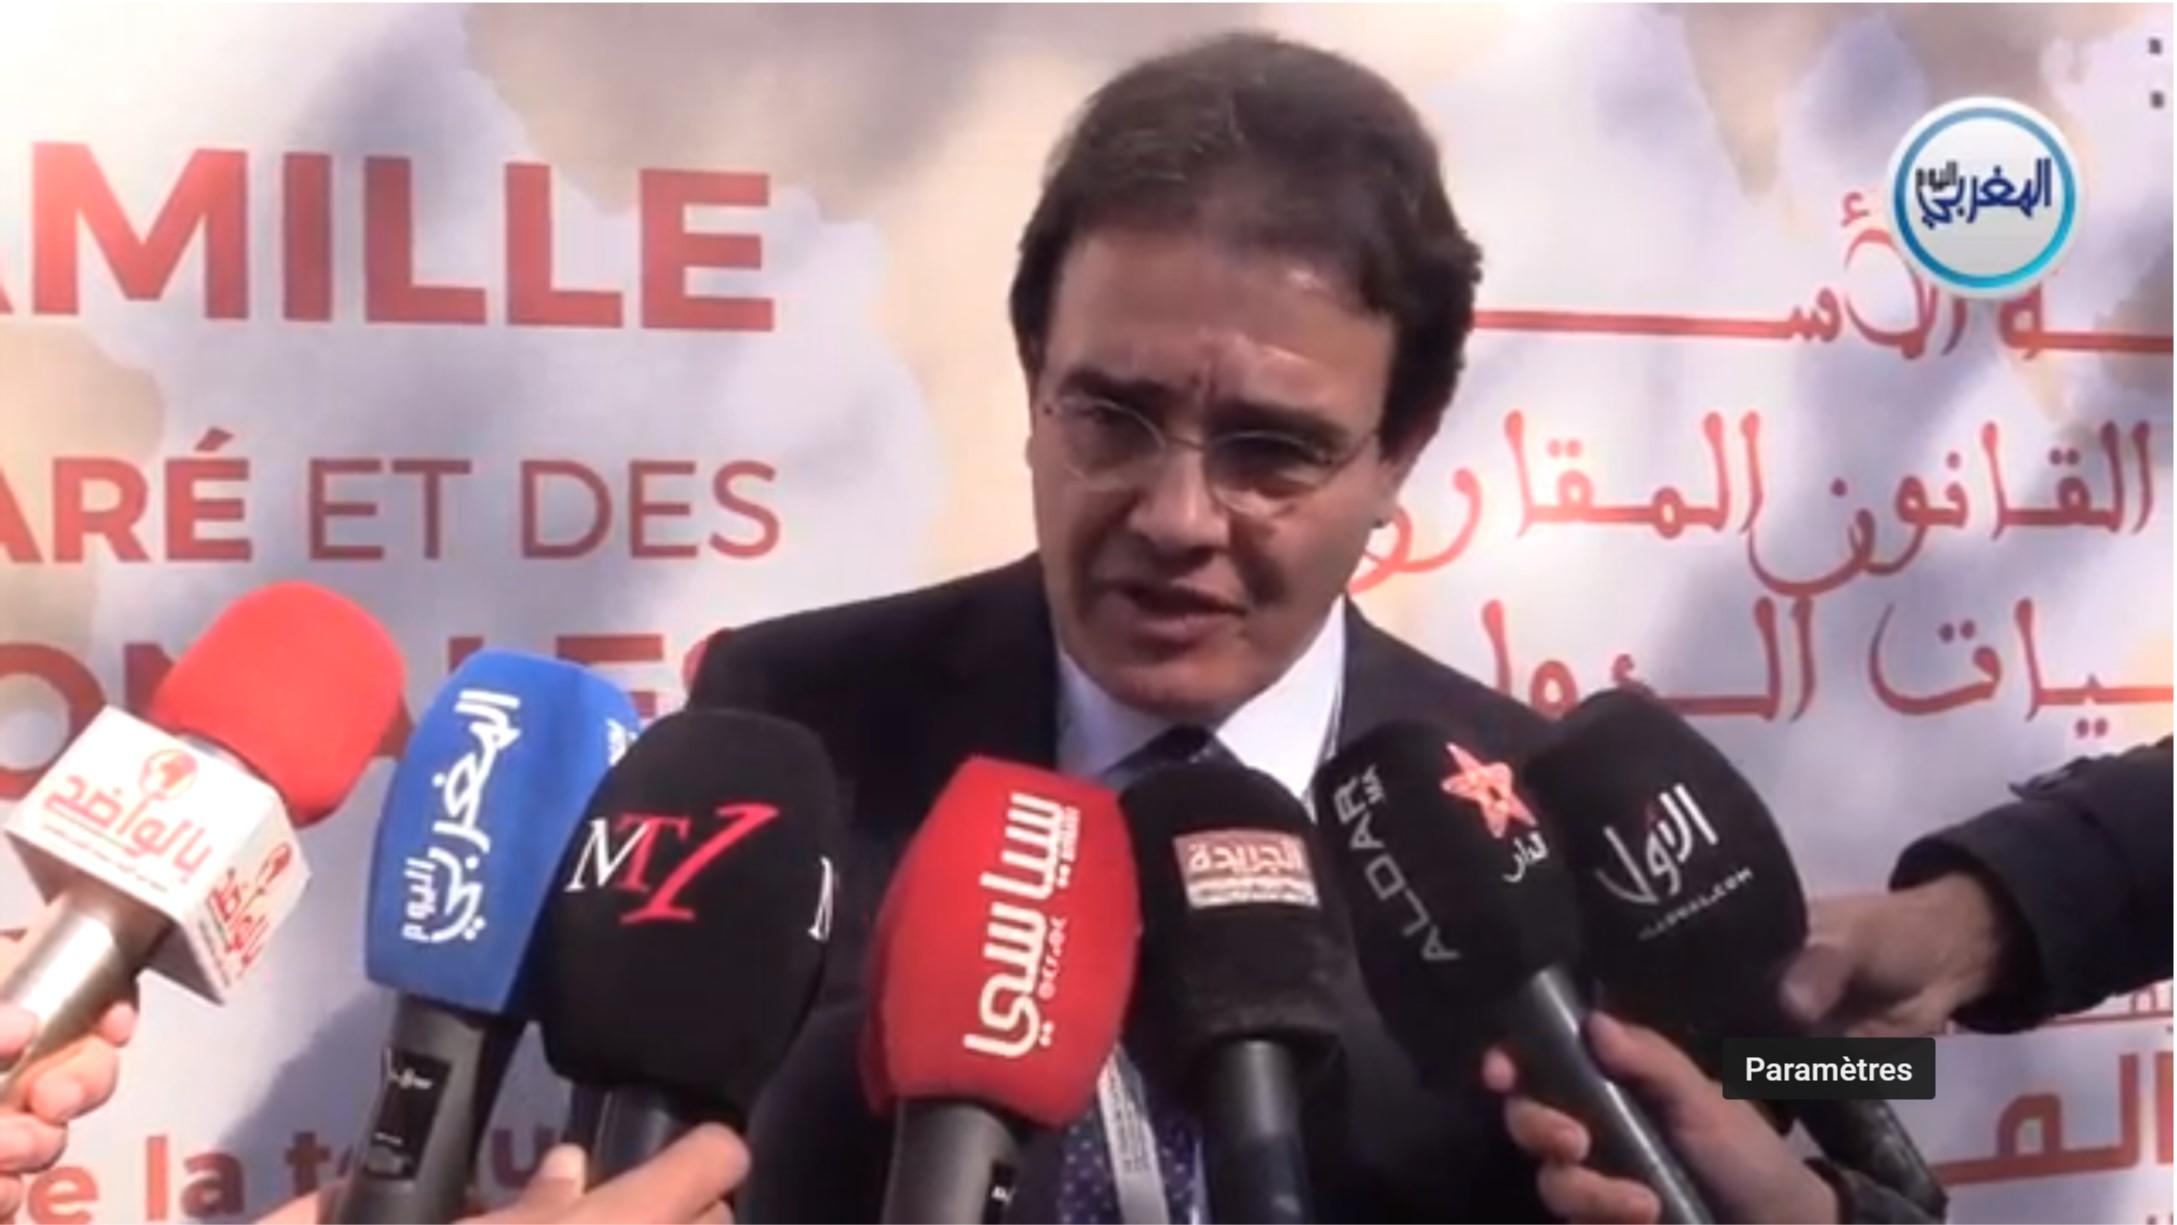 بالفيديو… الوزير بنعتيق في حضرة الصحافيين بمراكش على هامش المنتدى الثالث للمحامين المغاربة المقيمين بالخارج